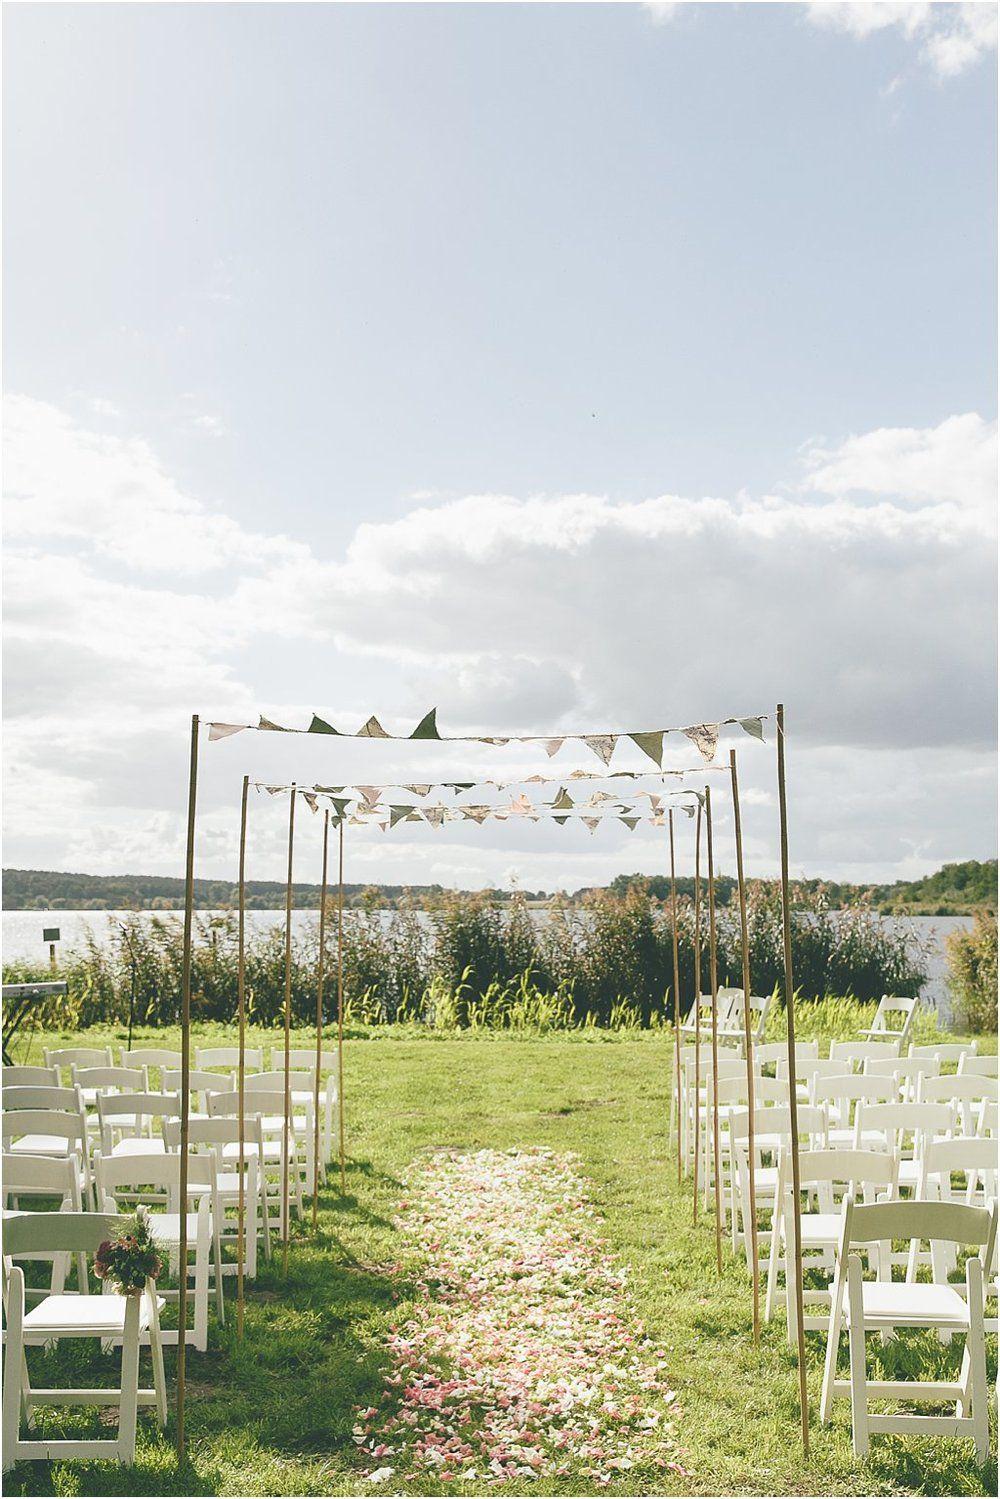 Blumenweg Durchgang Trauung mit Wimpelketten. Hochzeit am Wasser, Von Anmut und Sinn. Foto: Lene Photography